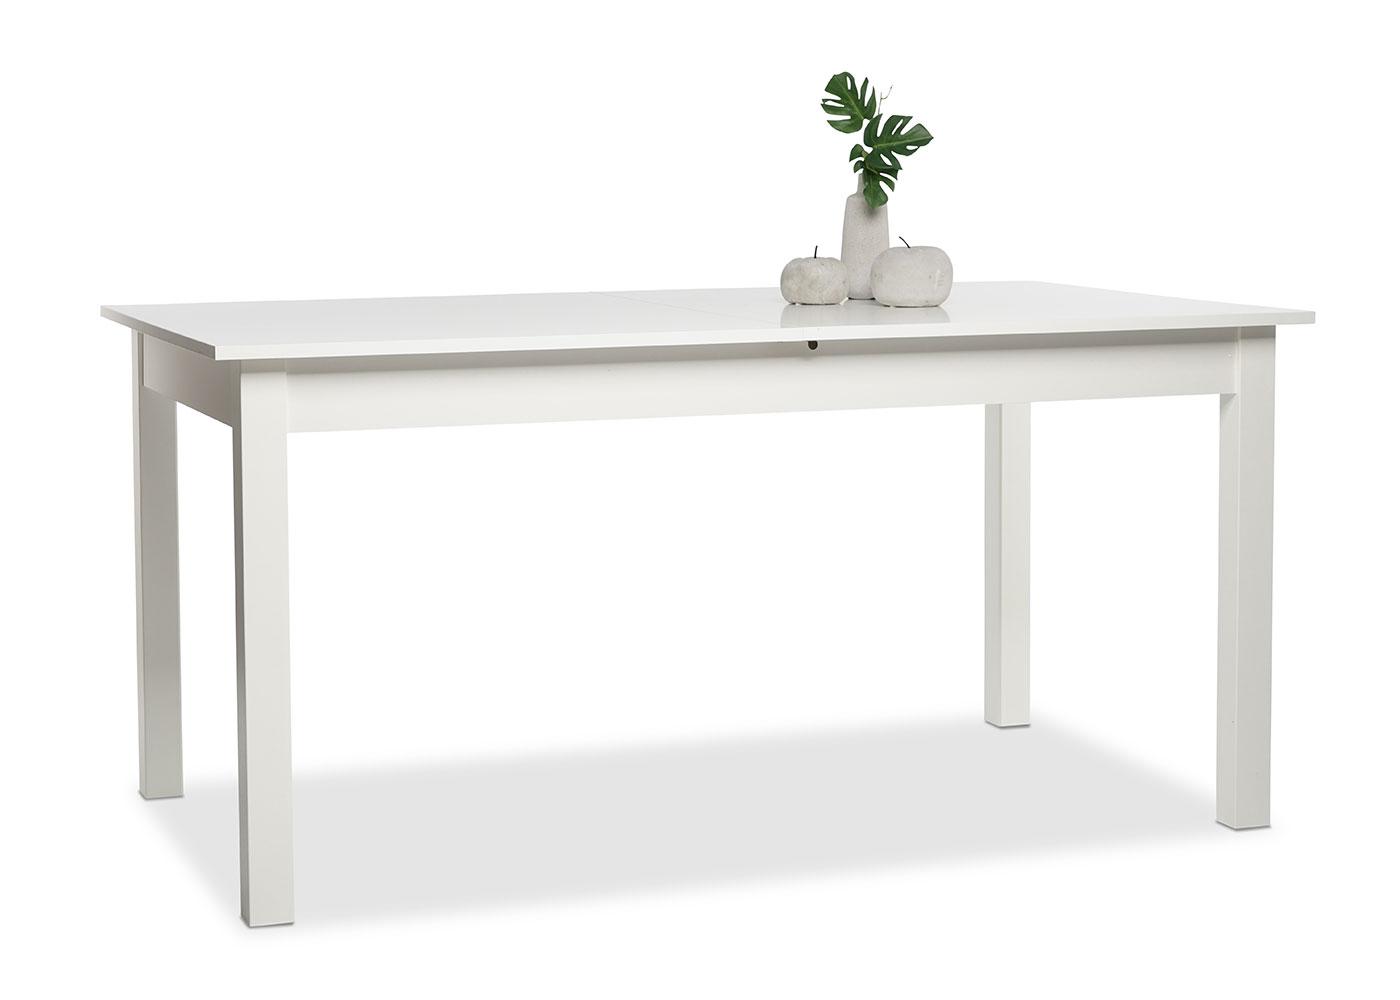 Jedálny stôl rozkladací Kronborg, 200 cm, biela, biela